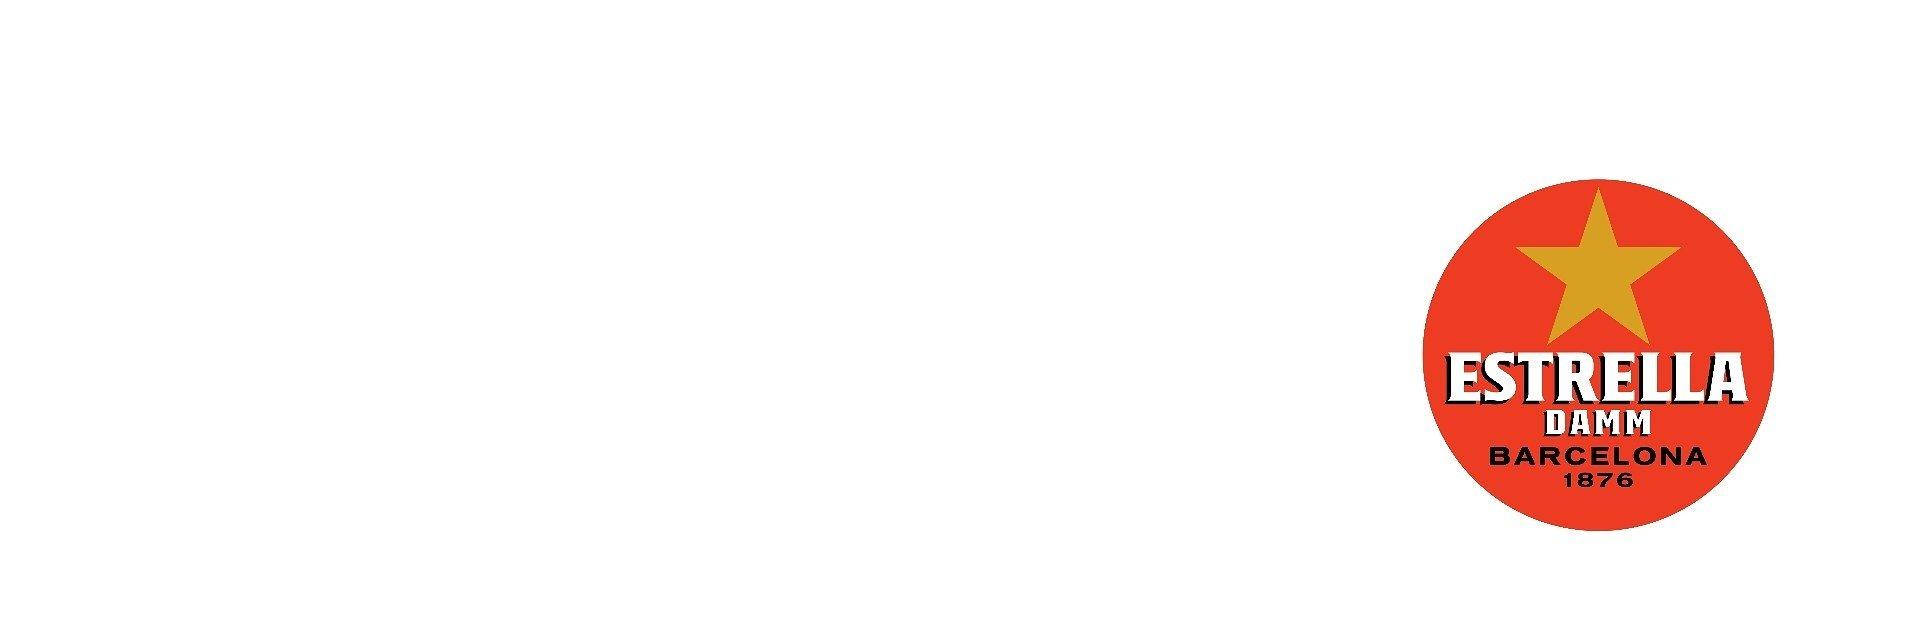 Estrella Damm apoia projeto gastronómico PONTE PUENTE